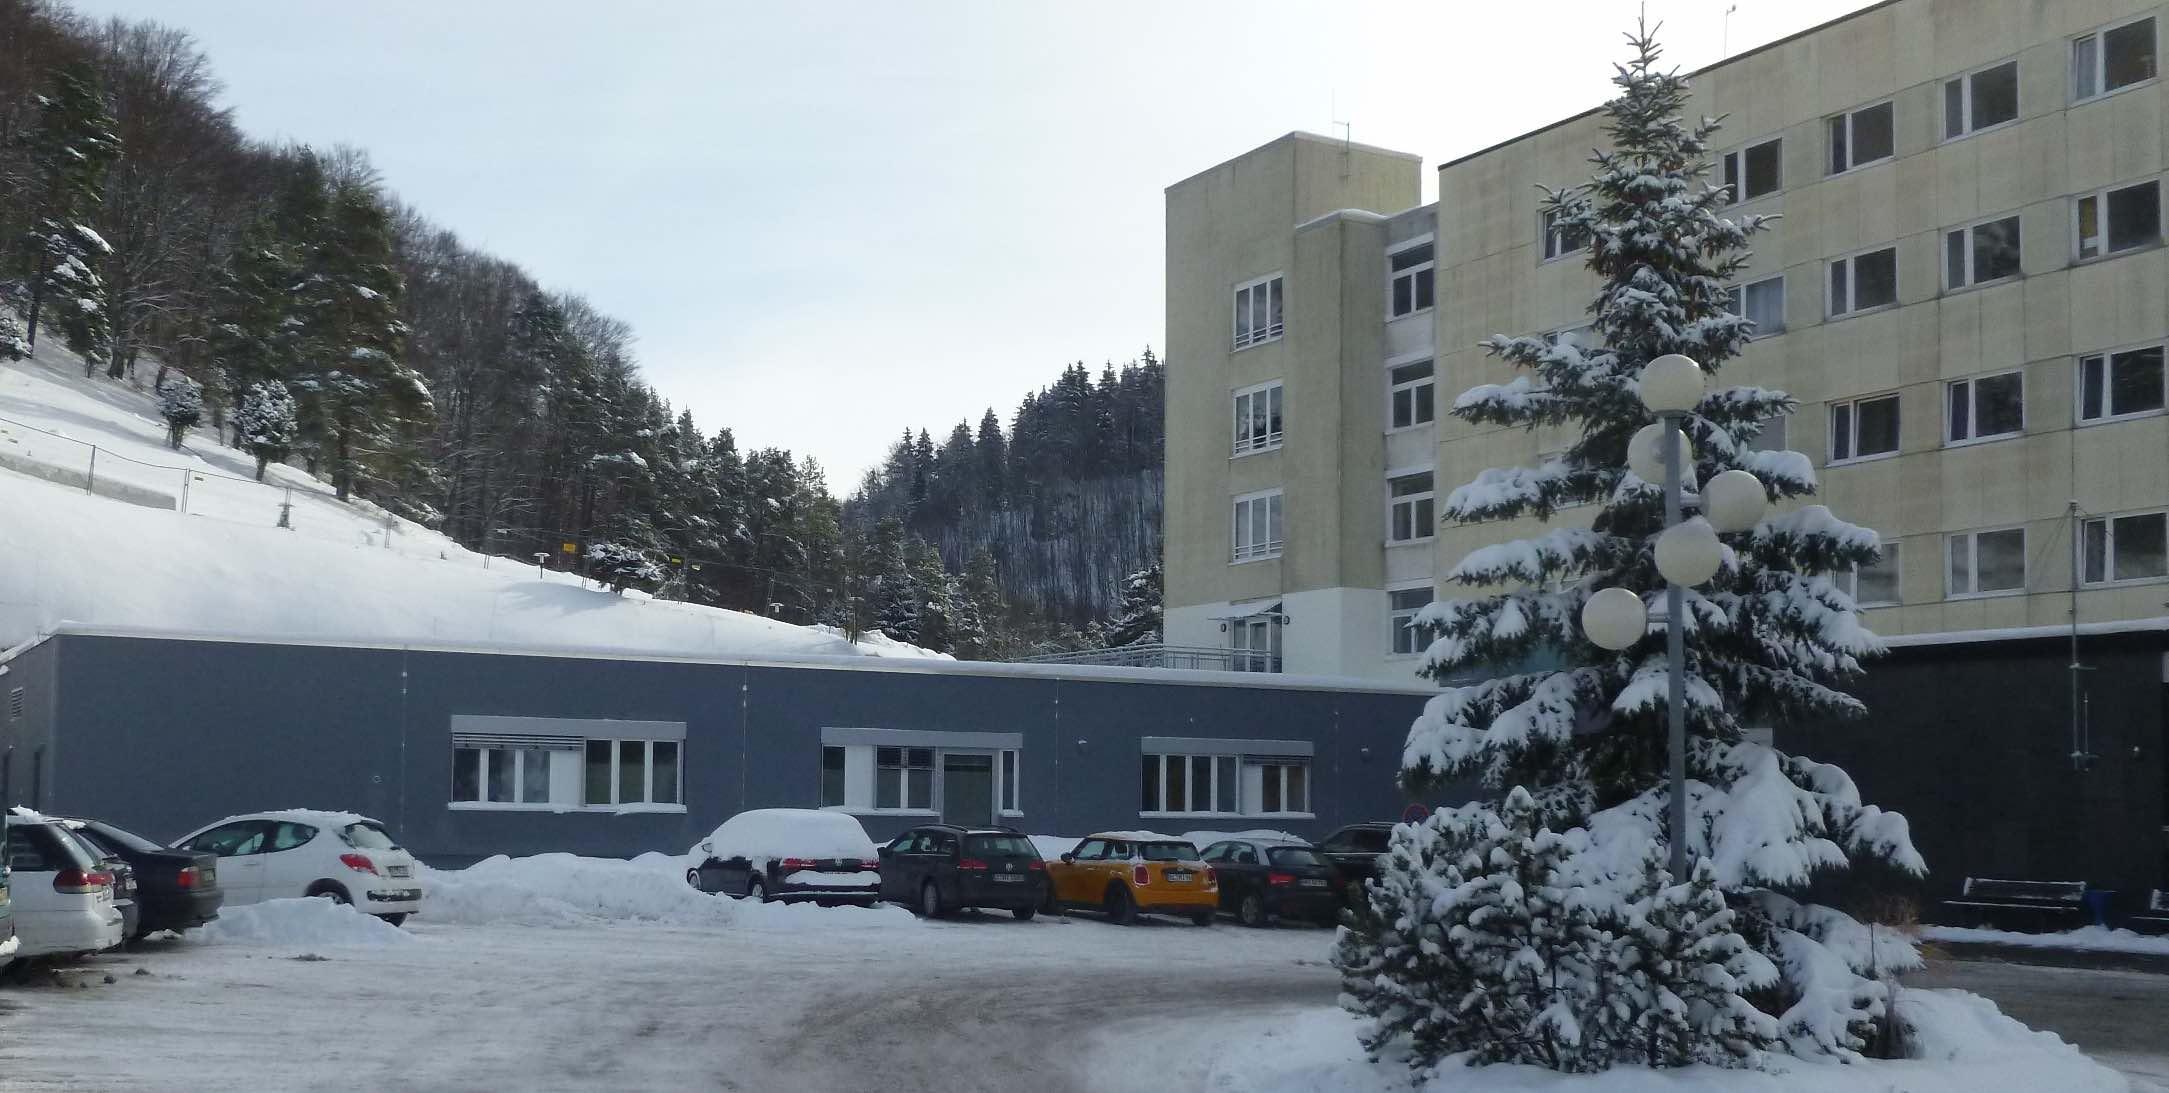 ACURA-Kliniken-Albstadt-Neue-Akutstation-Bautagebuch